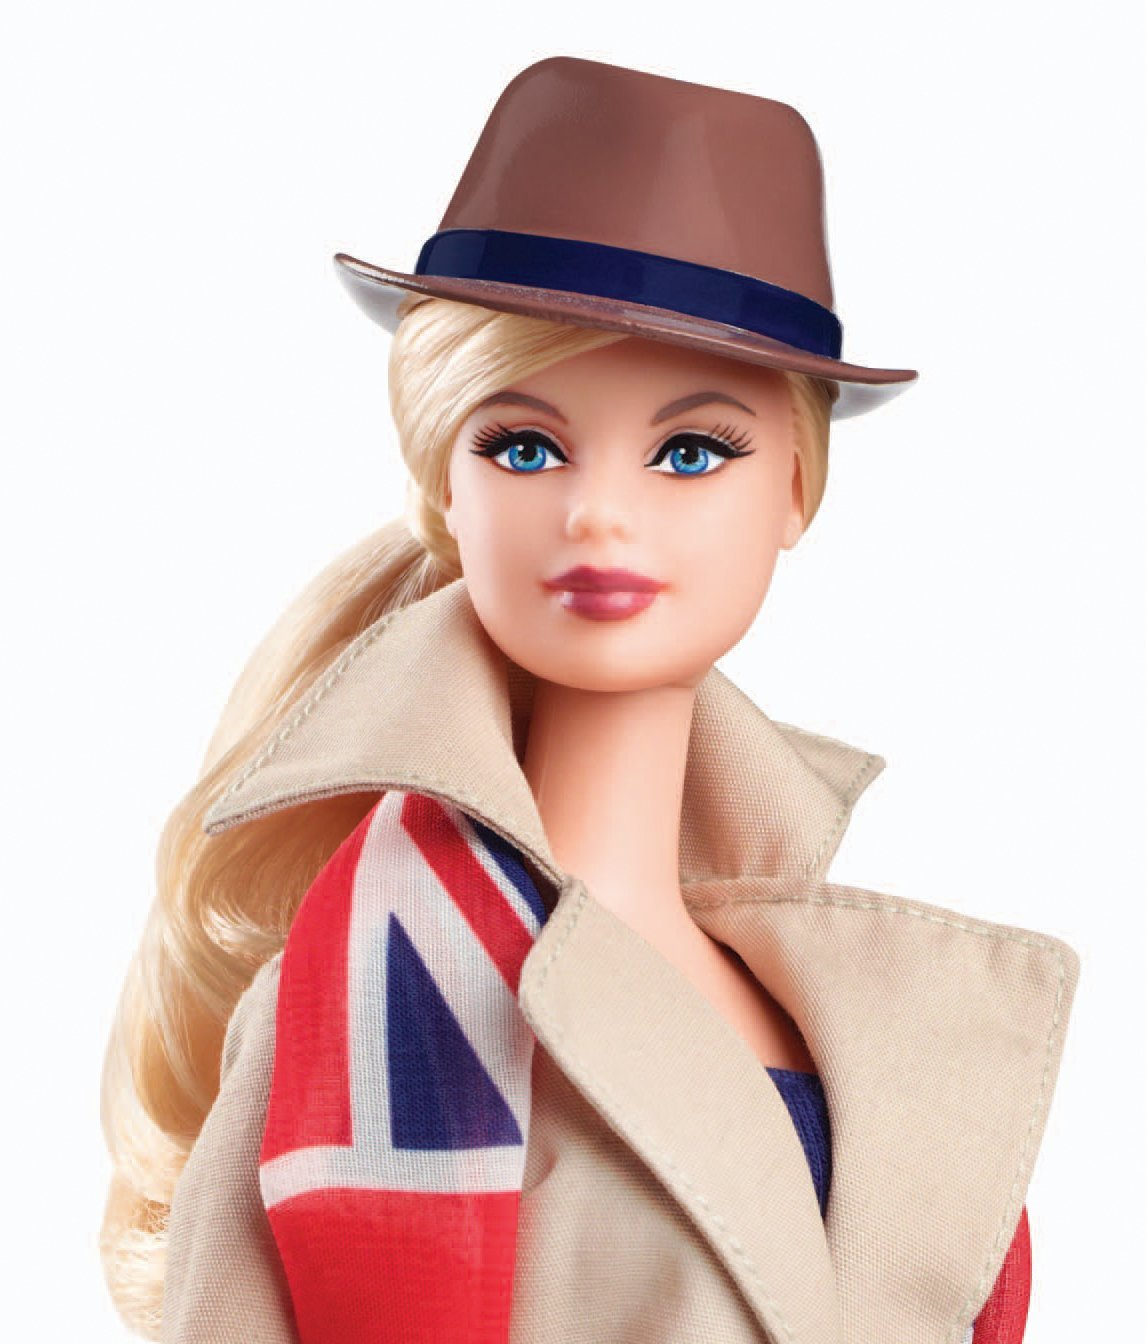 4793a84a36c59 Barbie Dolls of The World United Kingdom Doll - Walmart.com